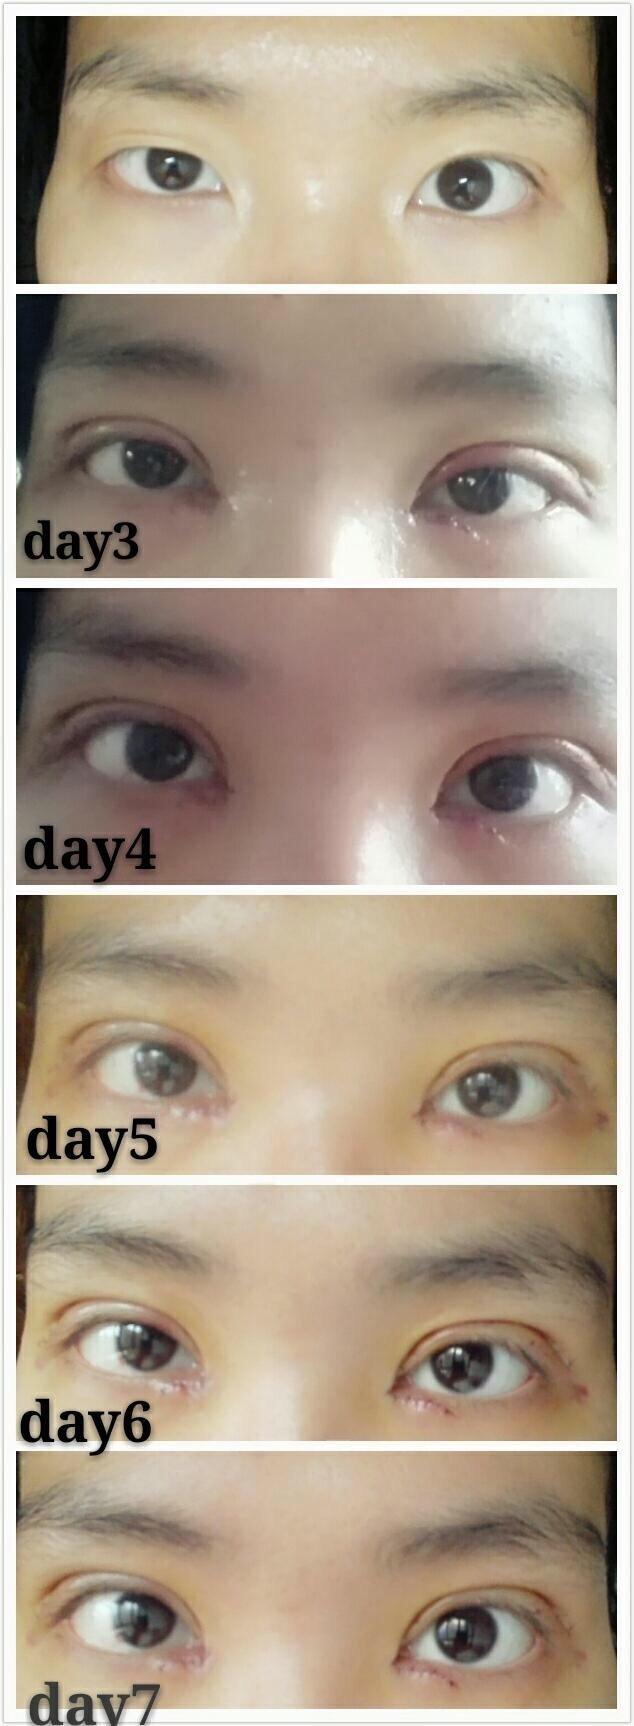 湖南省人民医院李高峰医生做的全切双眼皮+内眼角 手术价格8000多